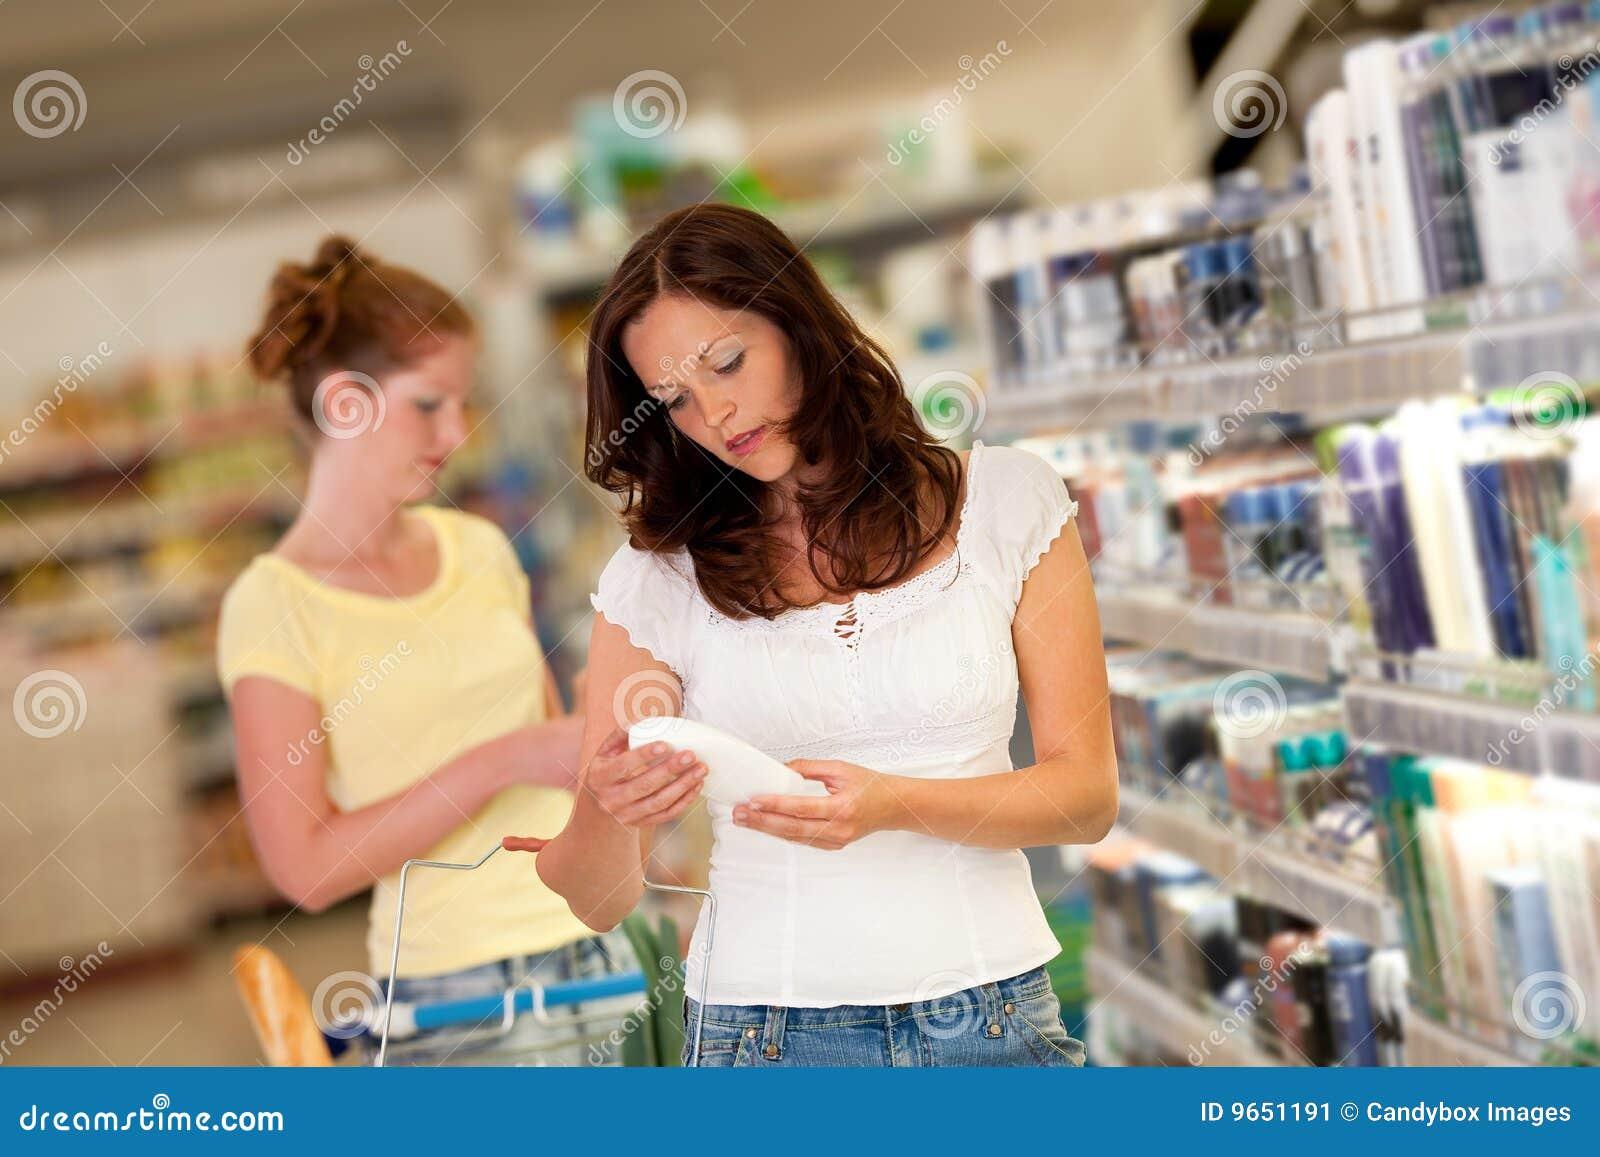 Serie di acquisto - donna in un supermercato